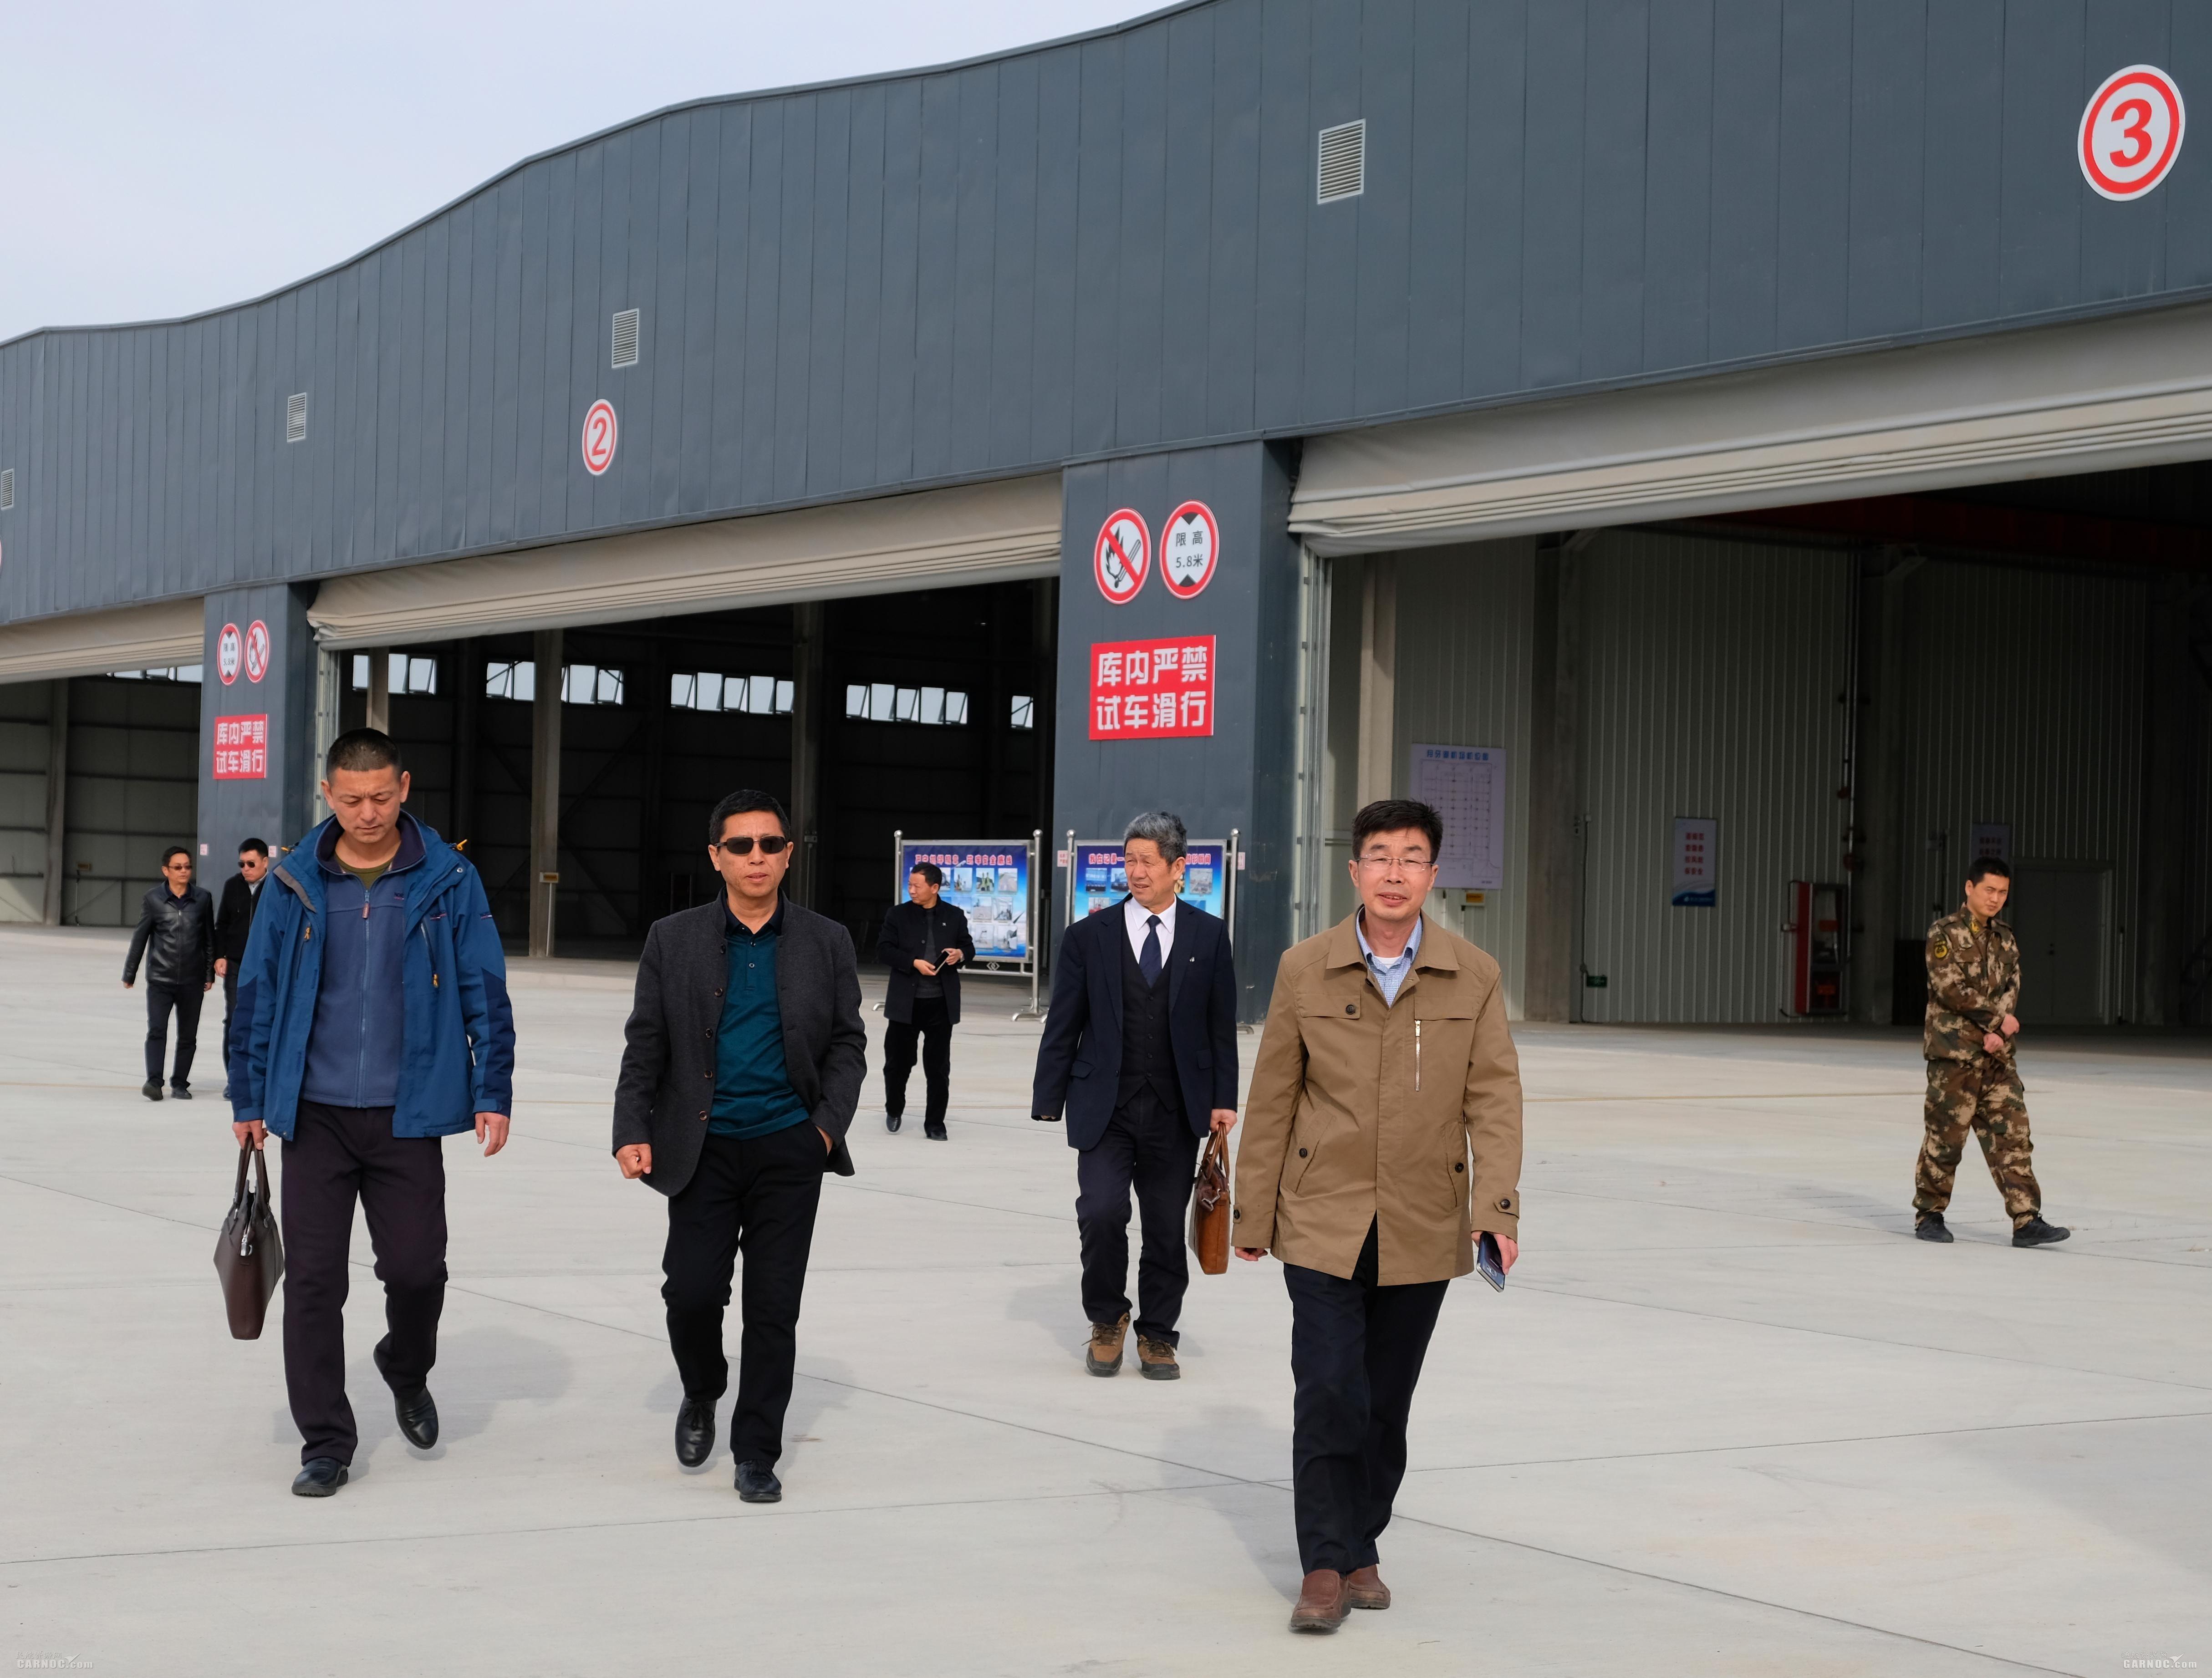 聚焦银川通航发展 月牙湖机场推进重磅项目落地